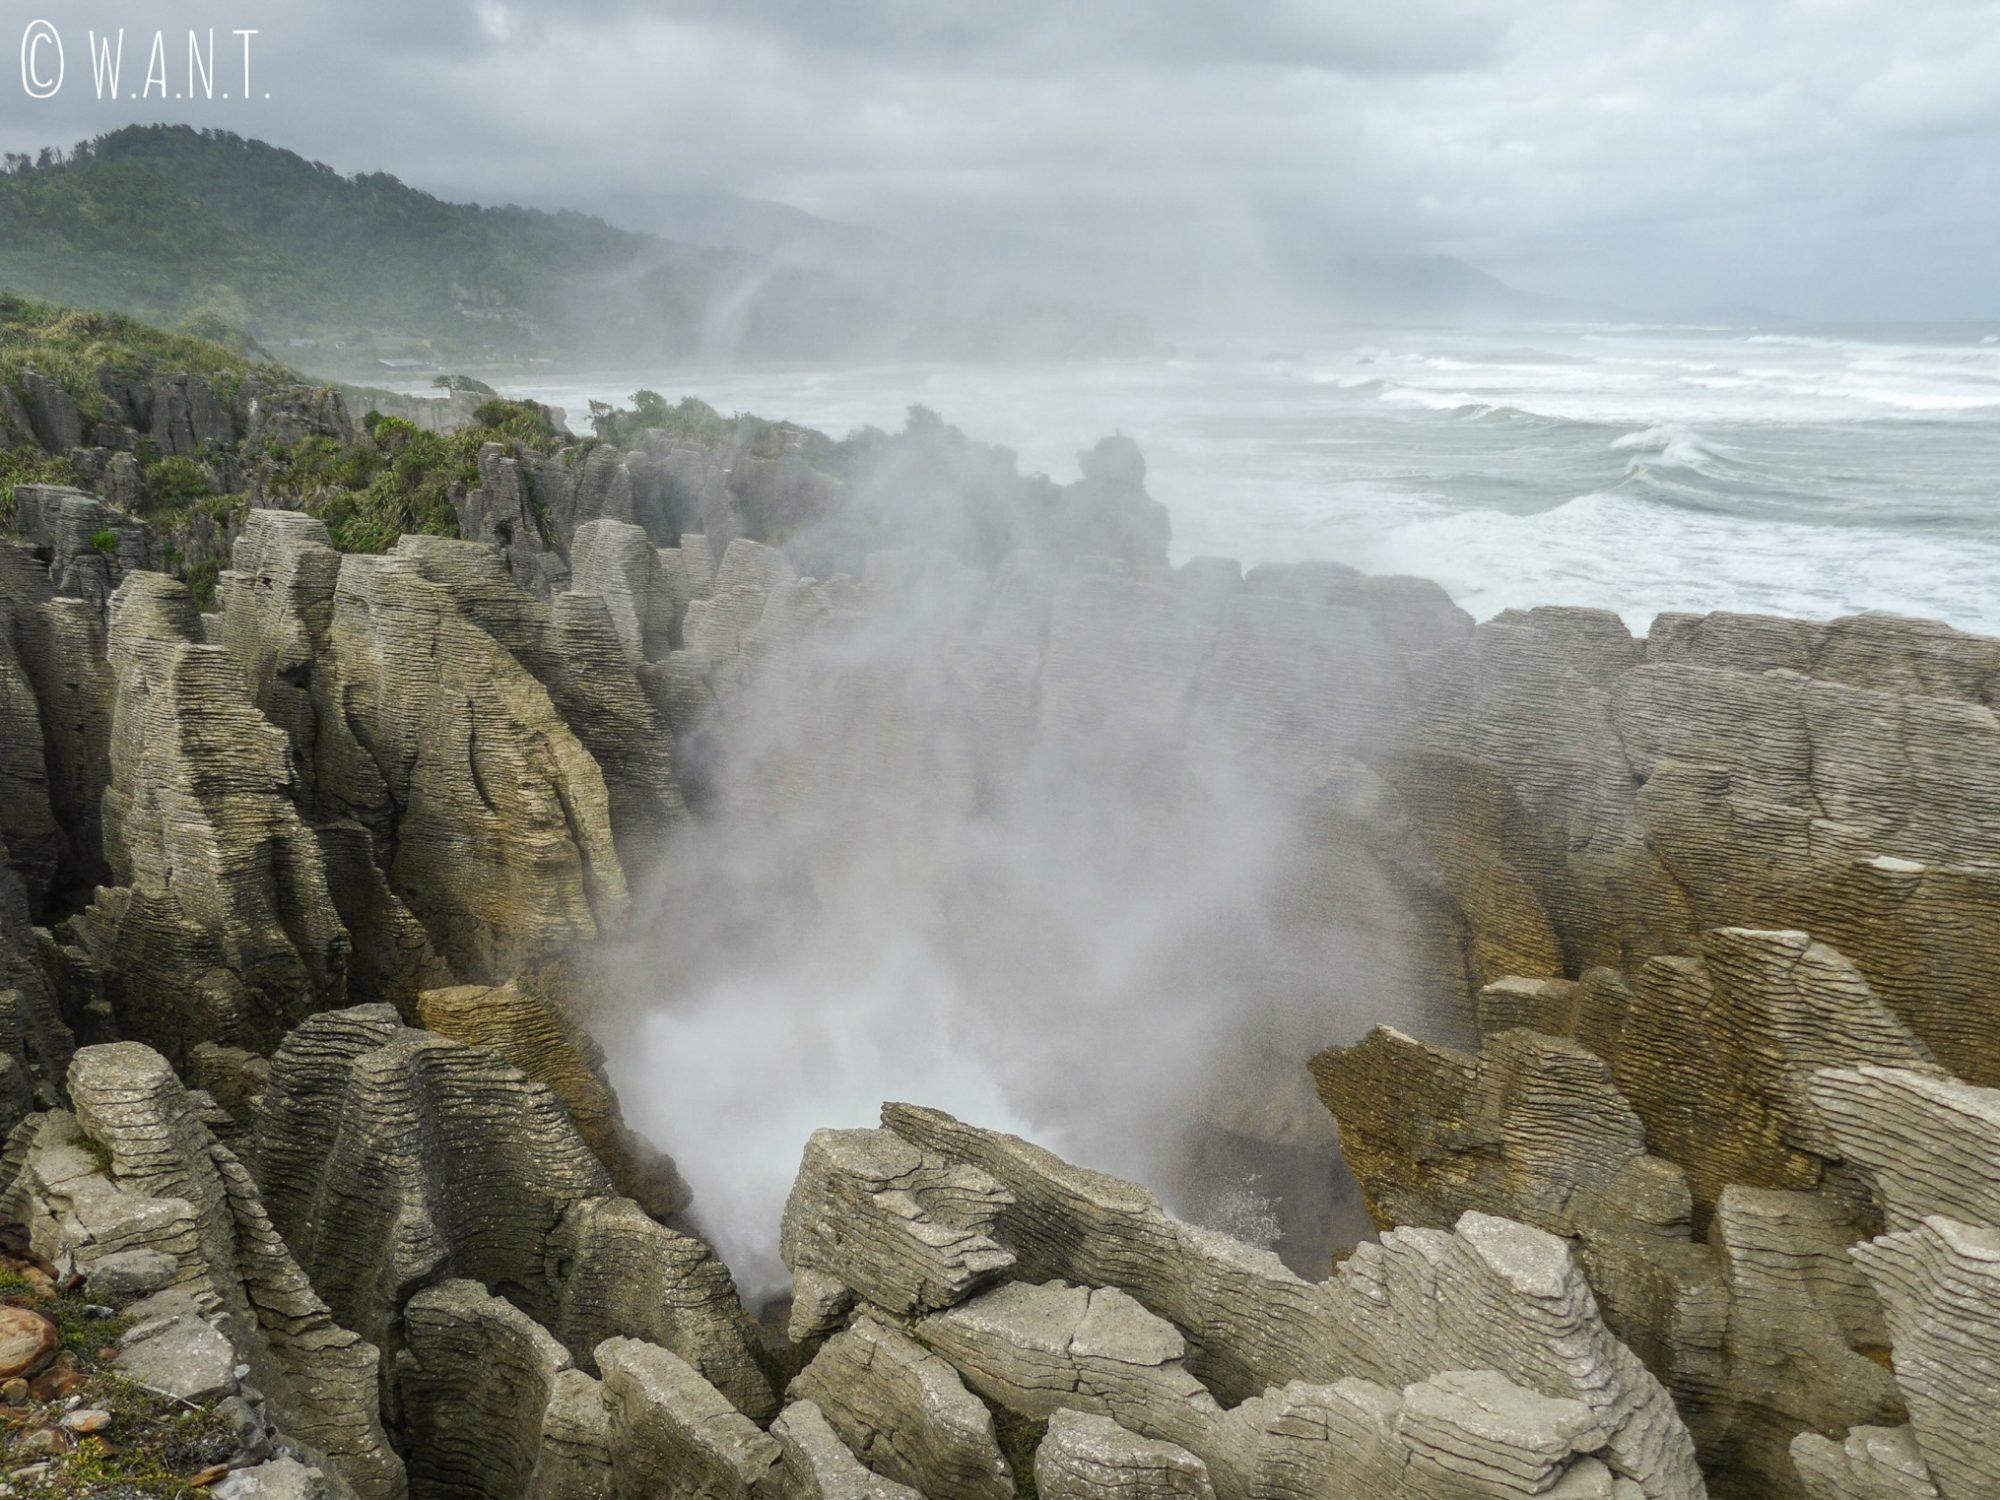 L'eau s'engouffre dans les Pancake Rocks en Nouvelle-Zélande